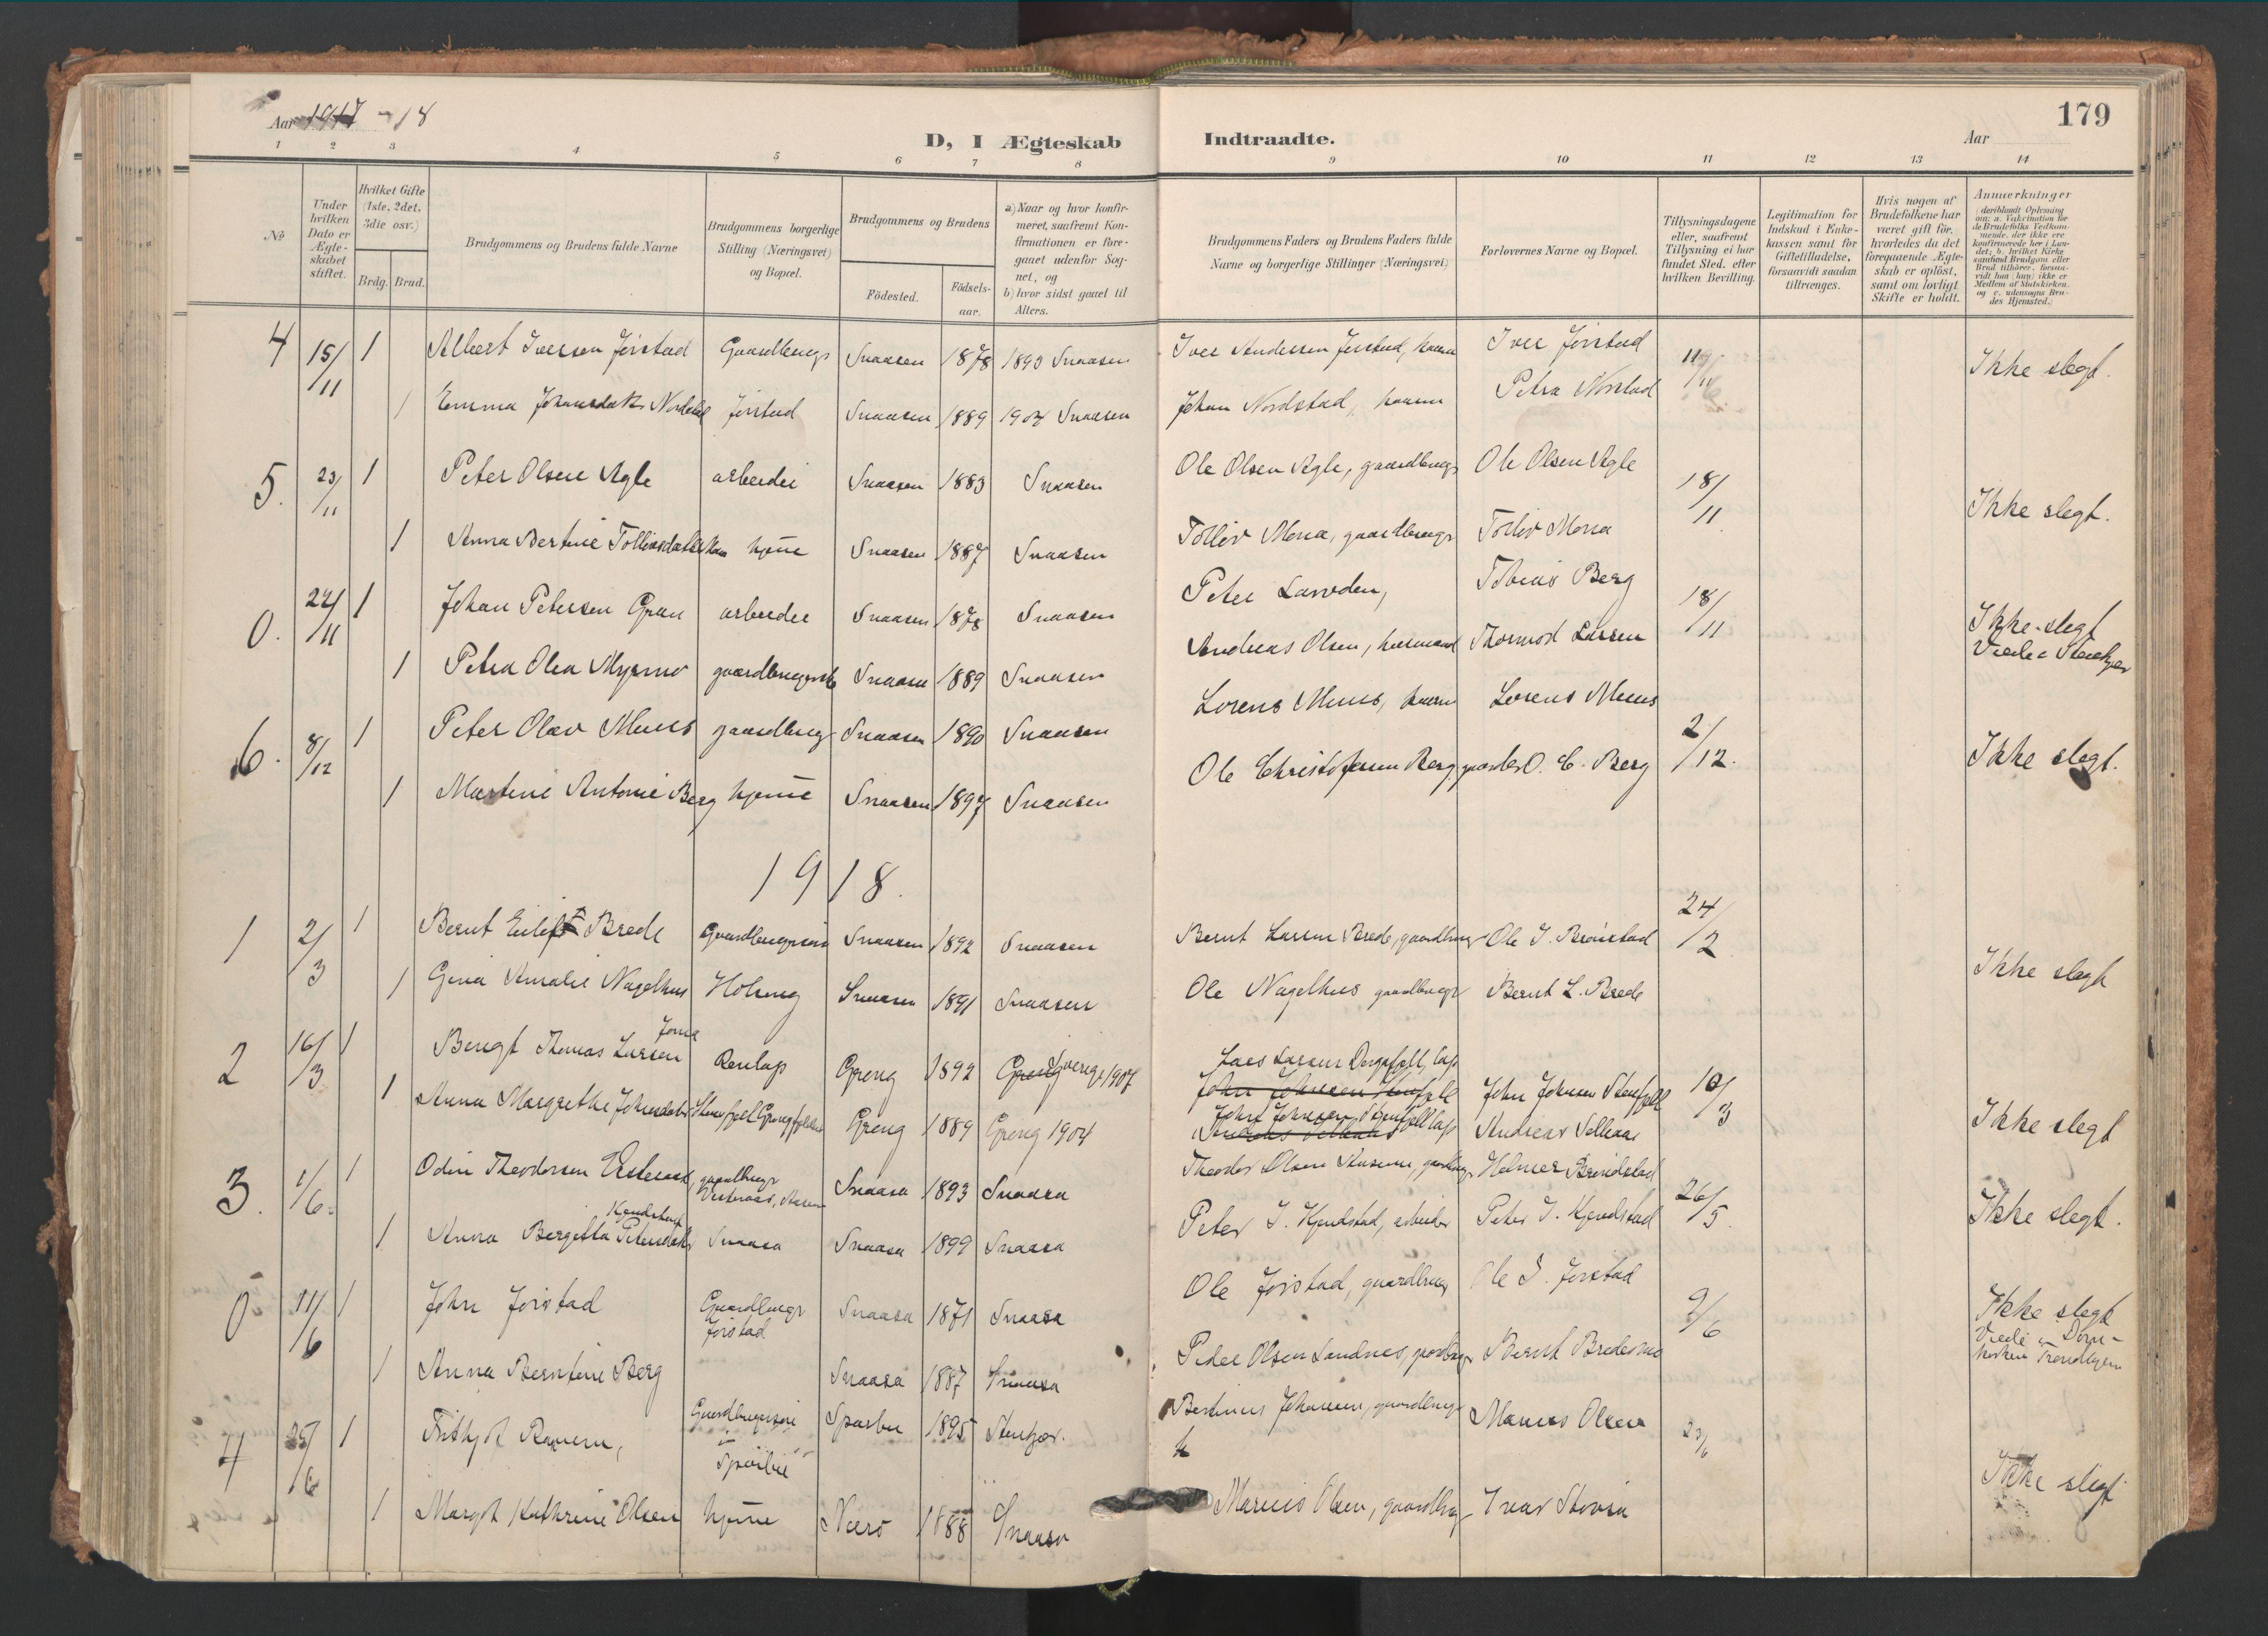 SAT, Ministerialprotokoller, klokkerbøker og fødselsregistre - Nord-Trøndelag, 749/L0477: Ministerialbok nr. 749A11, 1902-1927, s. 179